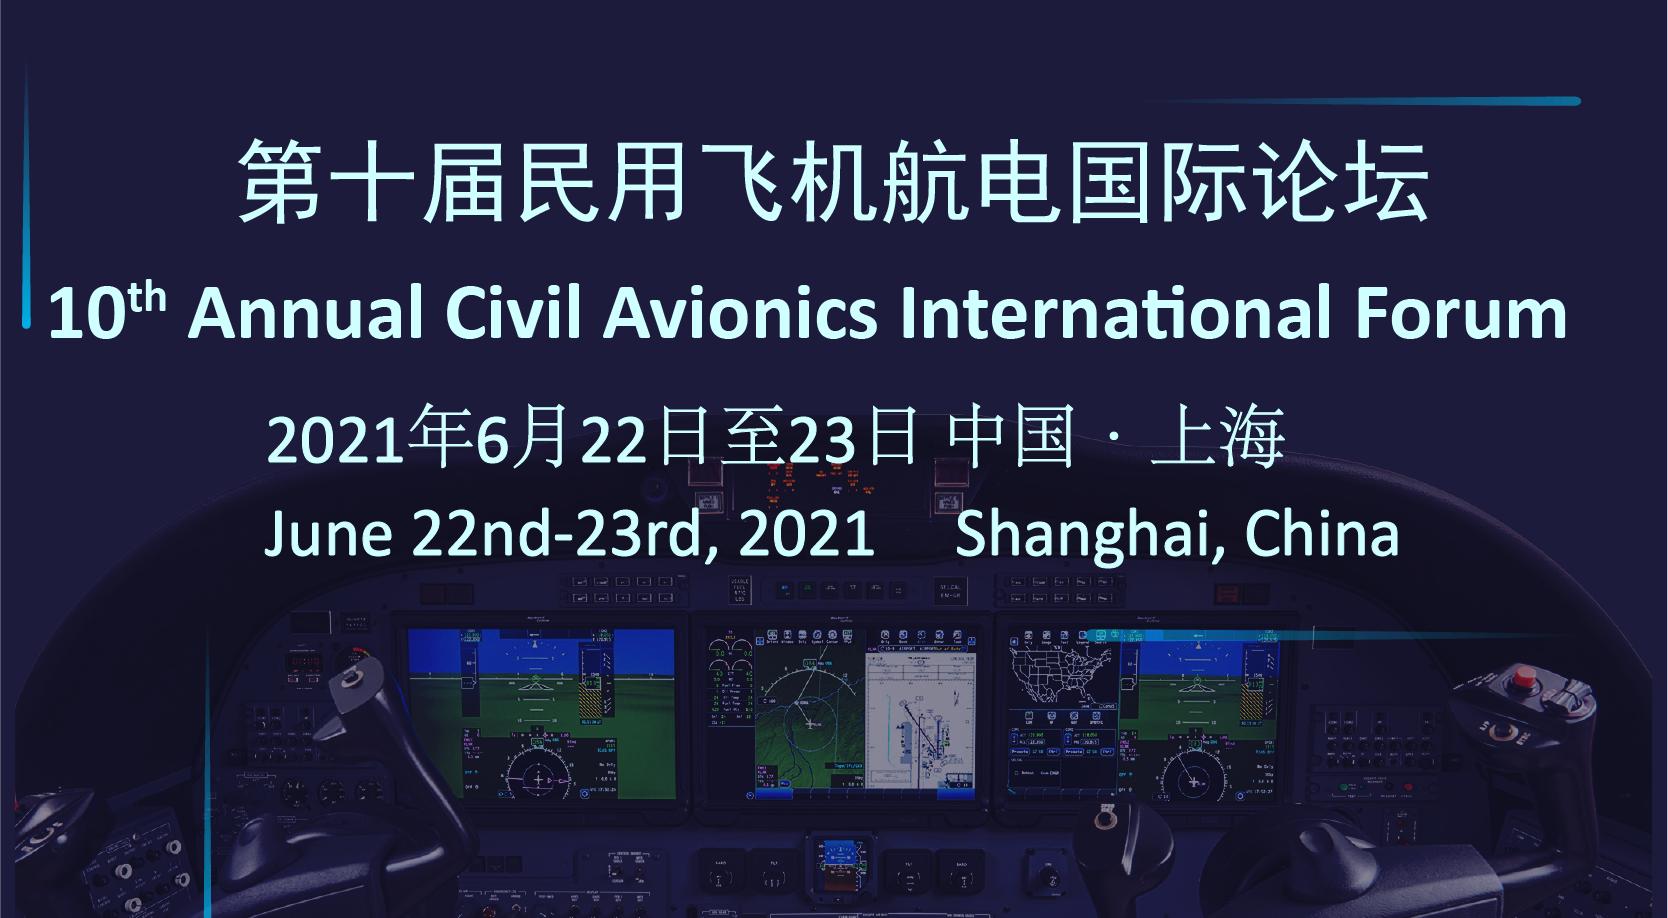 2021第十屆民用飛機航電國際論壇